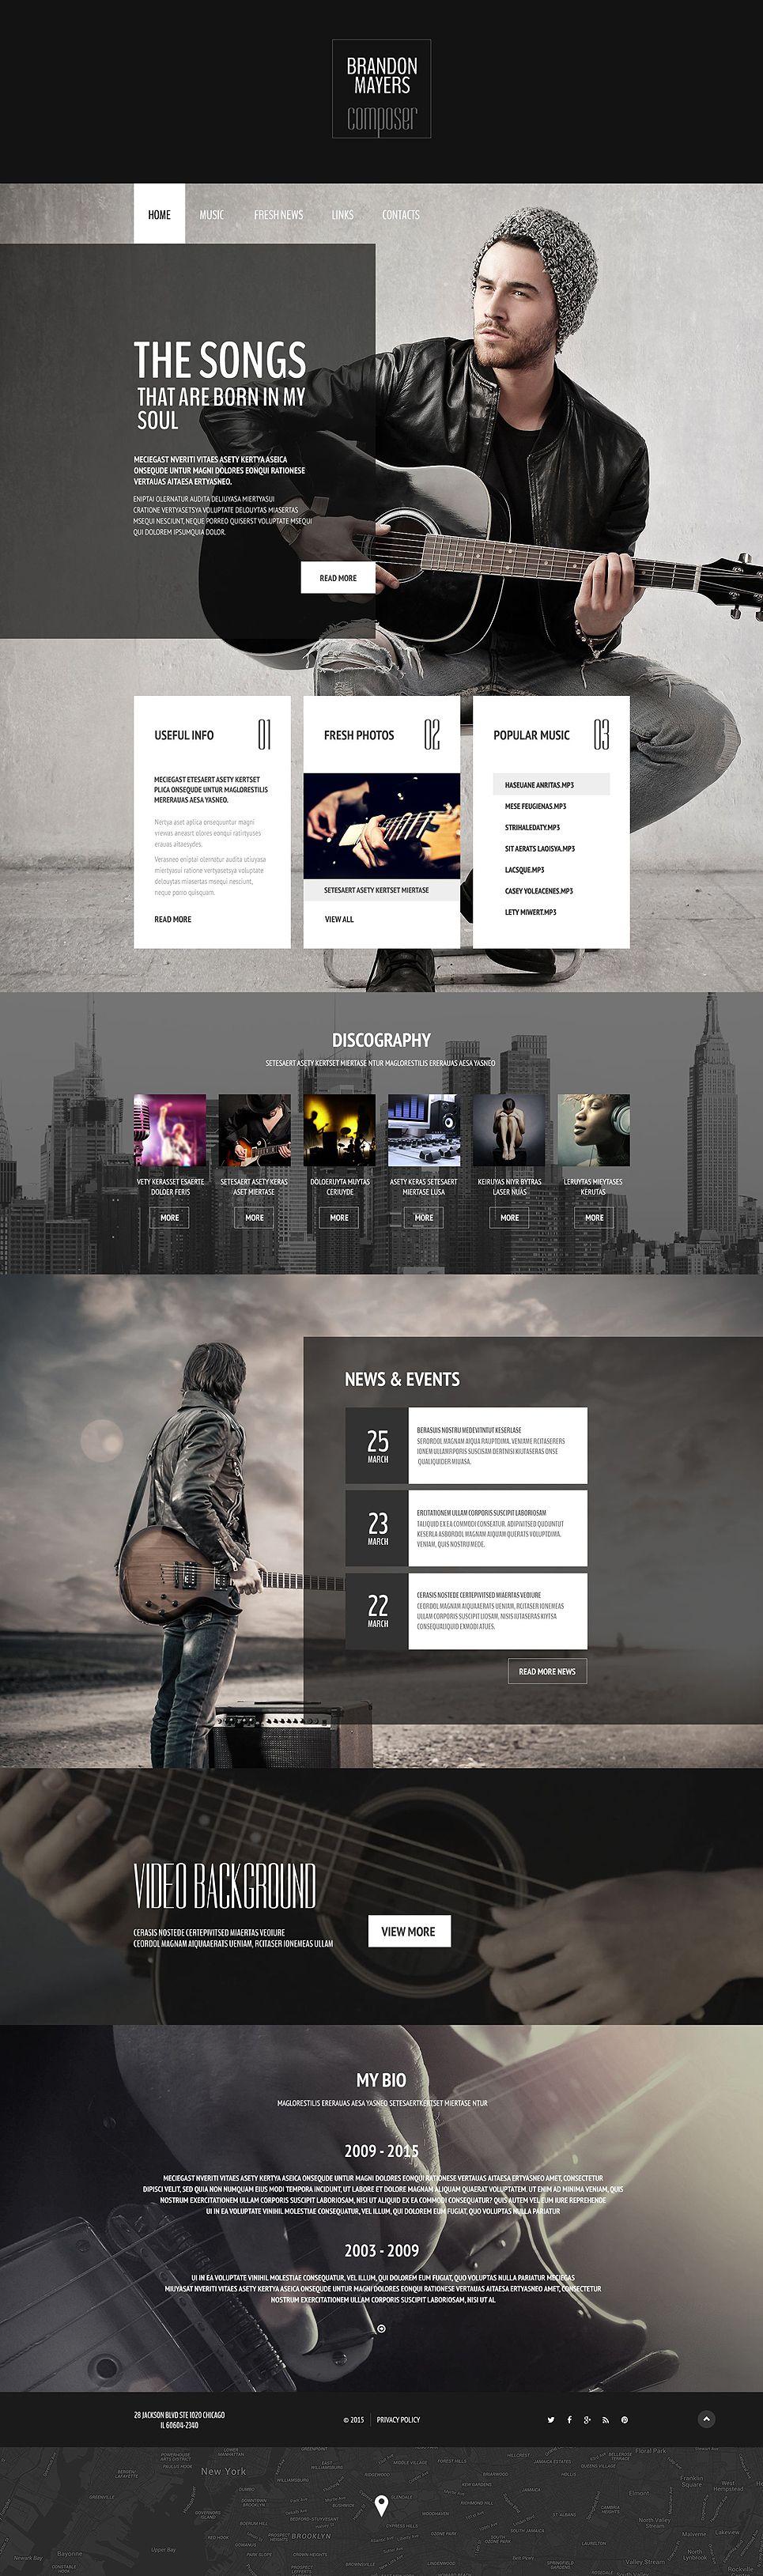 Composer\'s Portfolio Website Template | Genf, Screendesign und Webseite